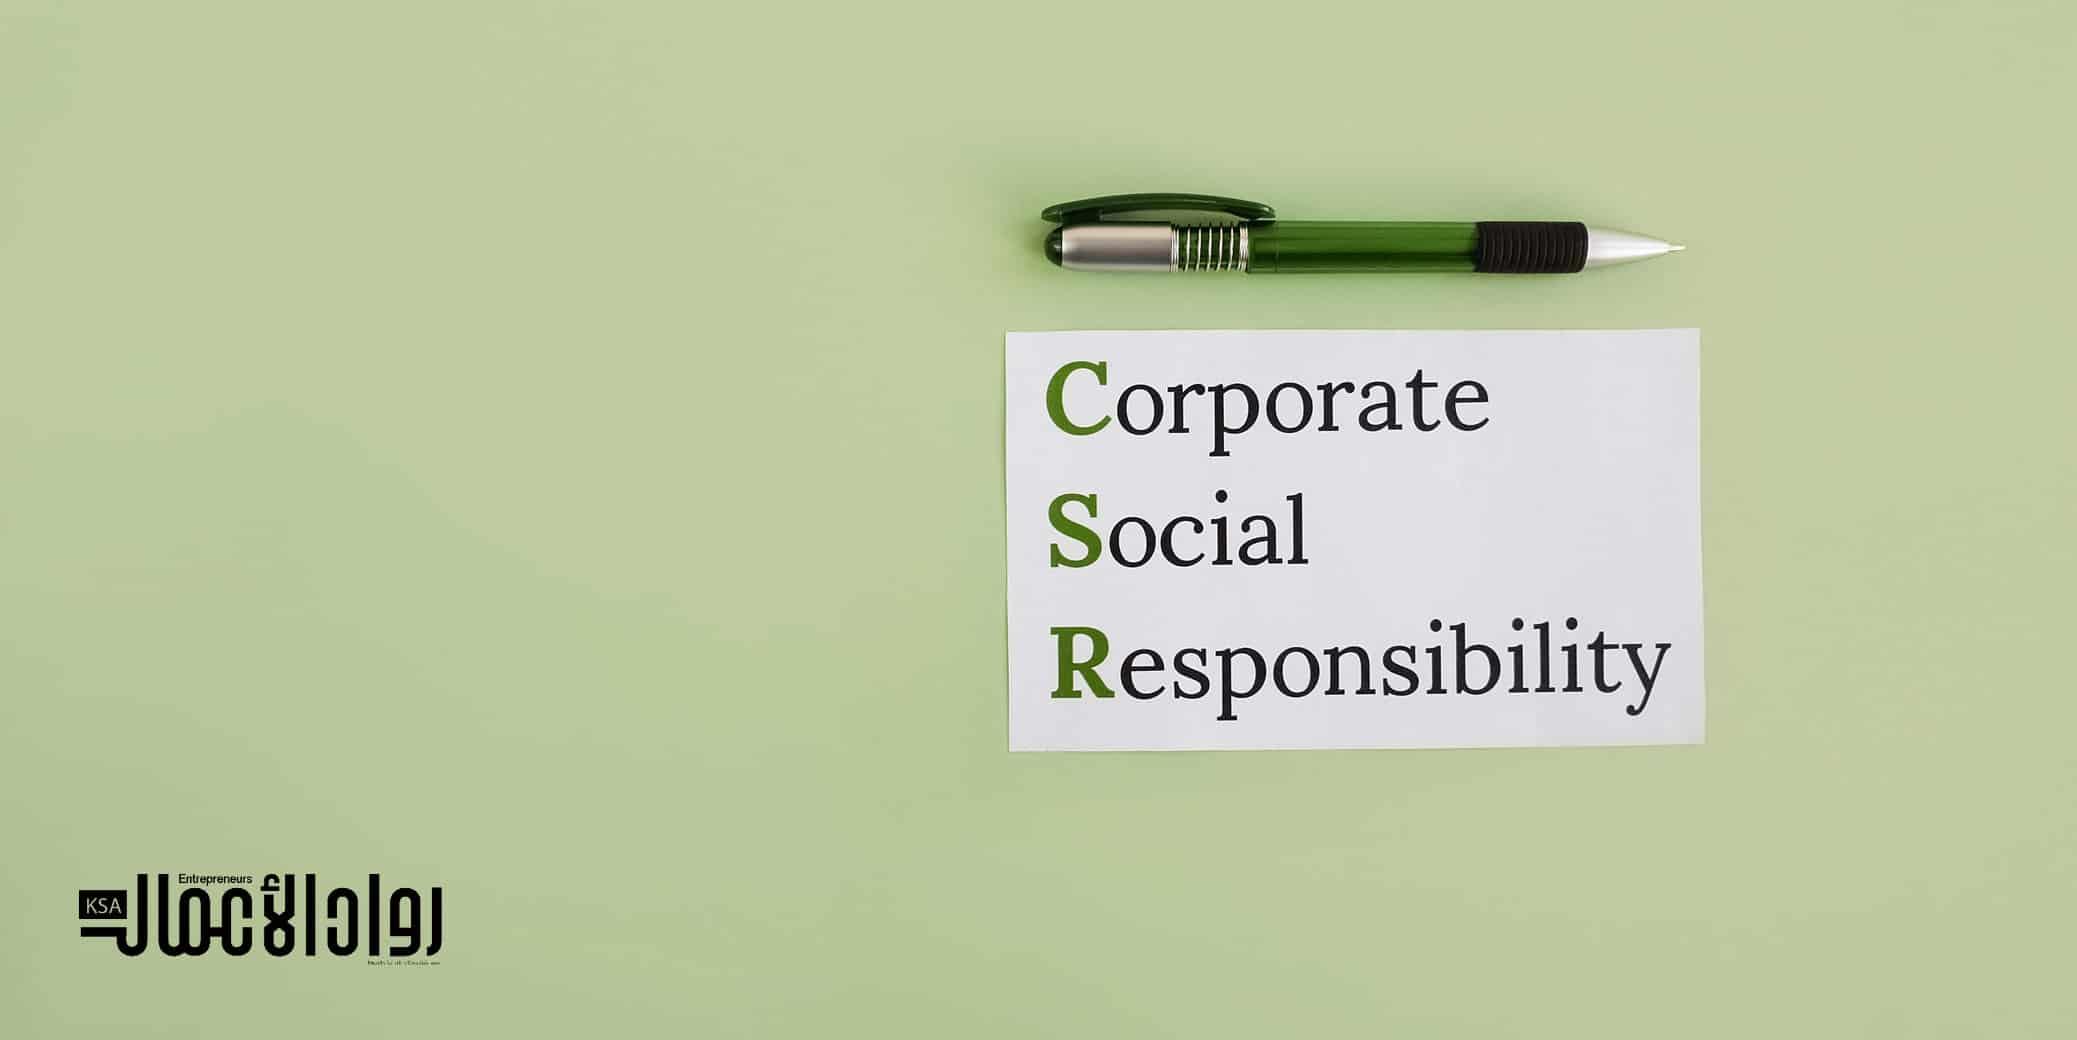 كيف يستفيد الموظفون من المسؤولية الاجتماعية